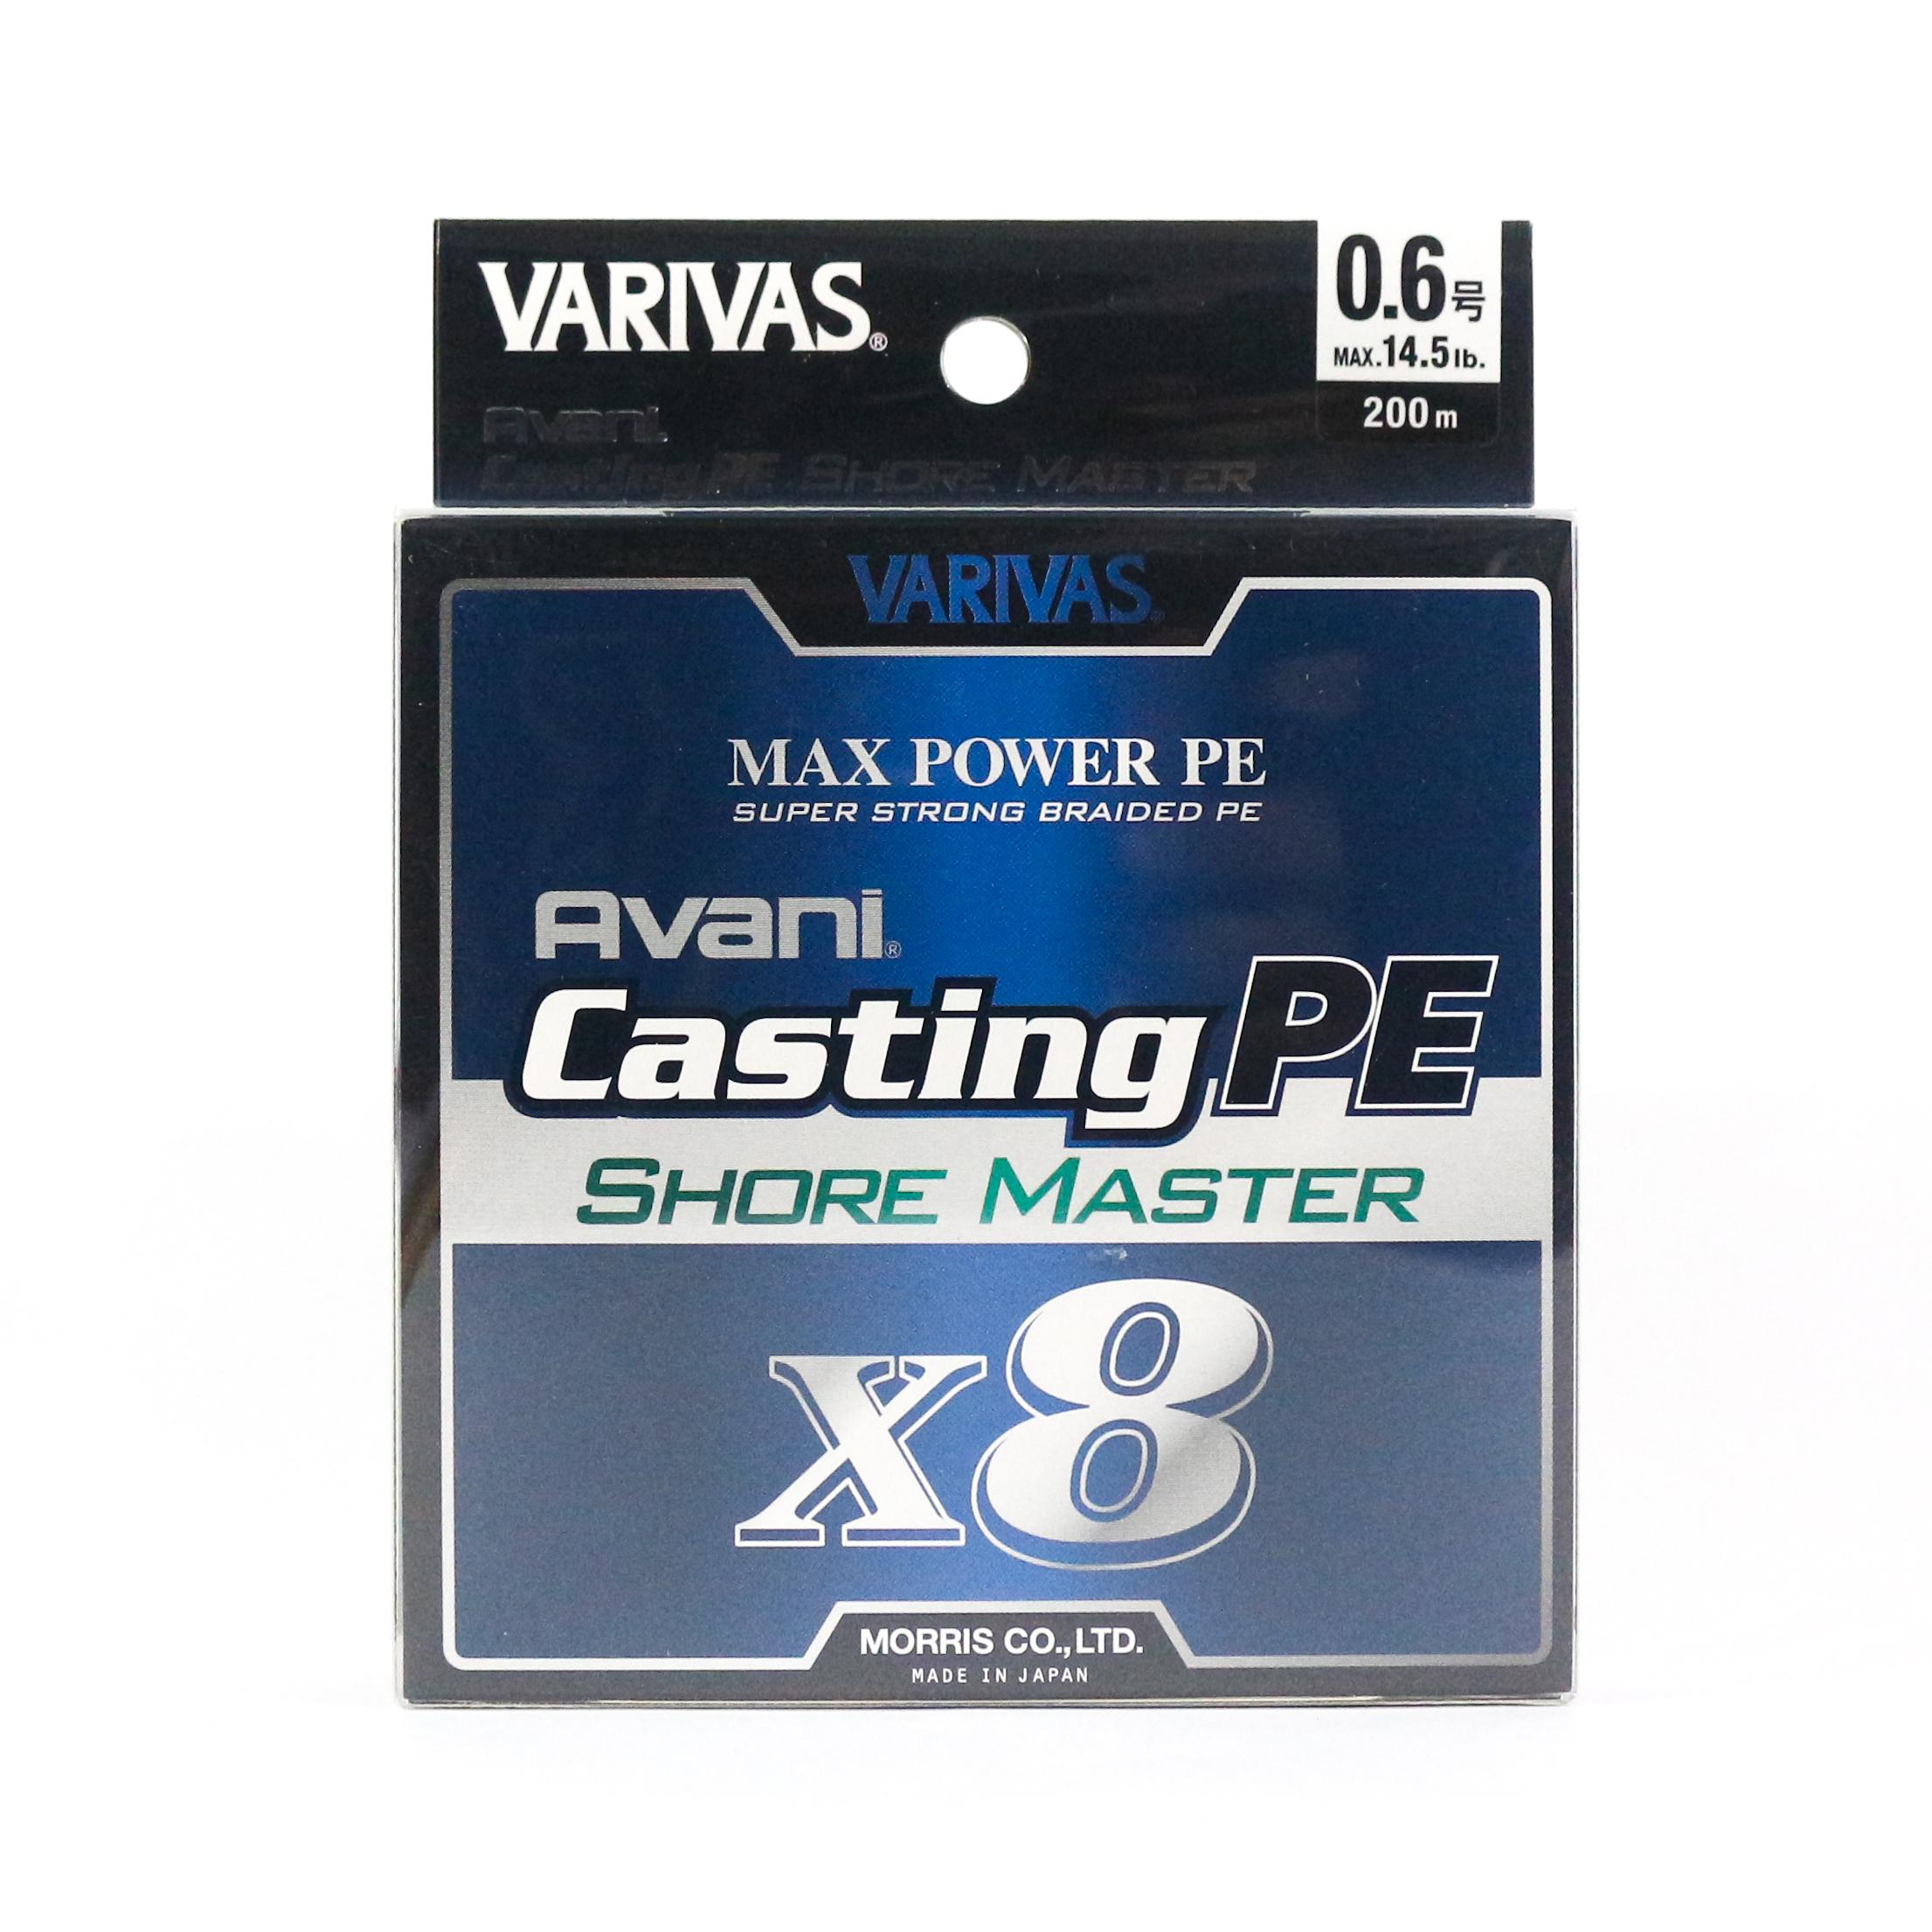 7046 Varivas P.E Linie Super Trout Advance Max Power 150m P.E 0.6 Max 14.5lb